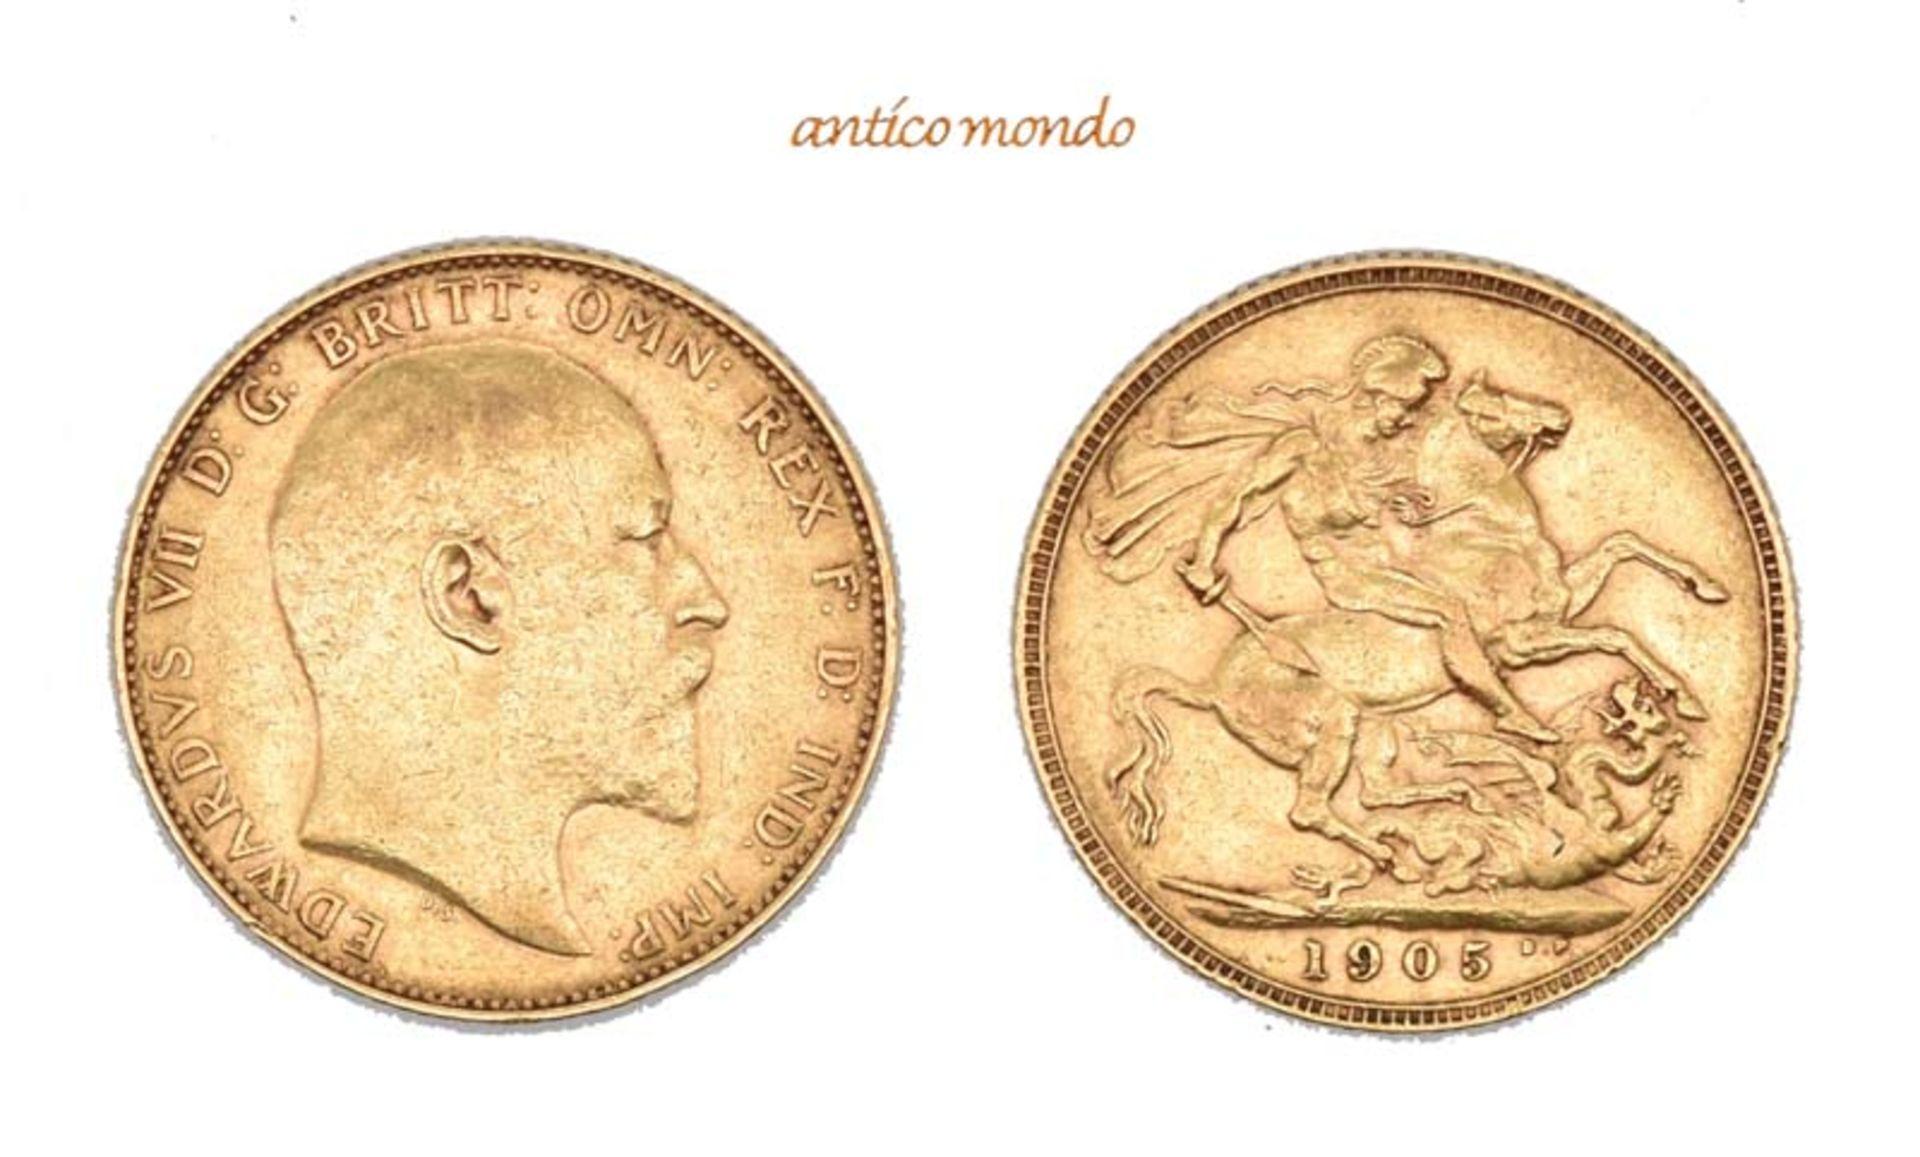 Australien, Edward VII., 1901-1910, Sovereign, 1905, sehr schön, 8,00 g- - -21.50 % buyer's